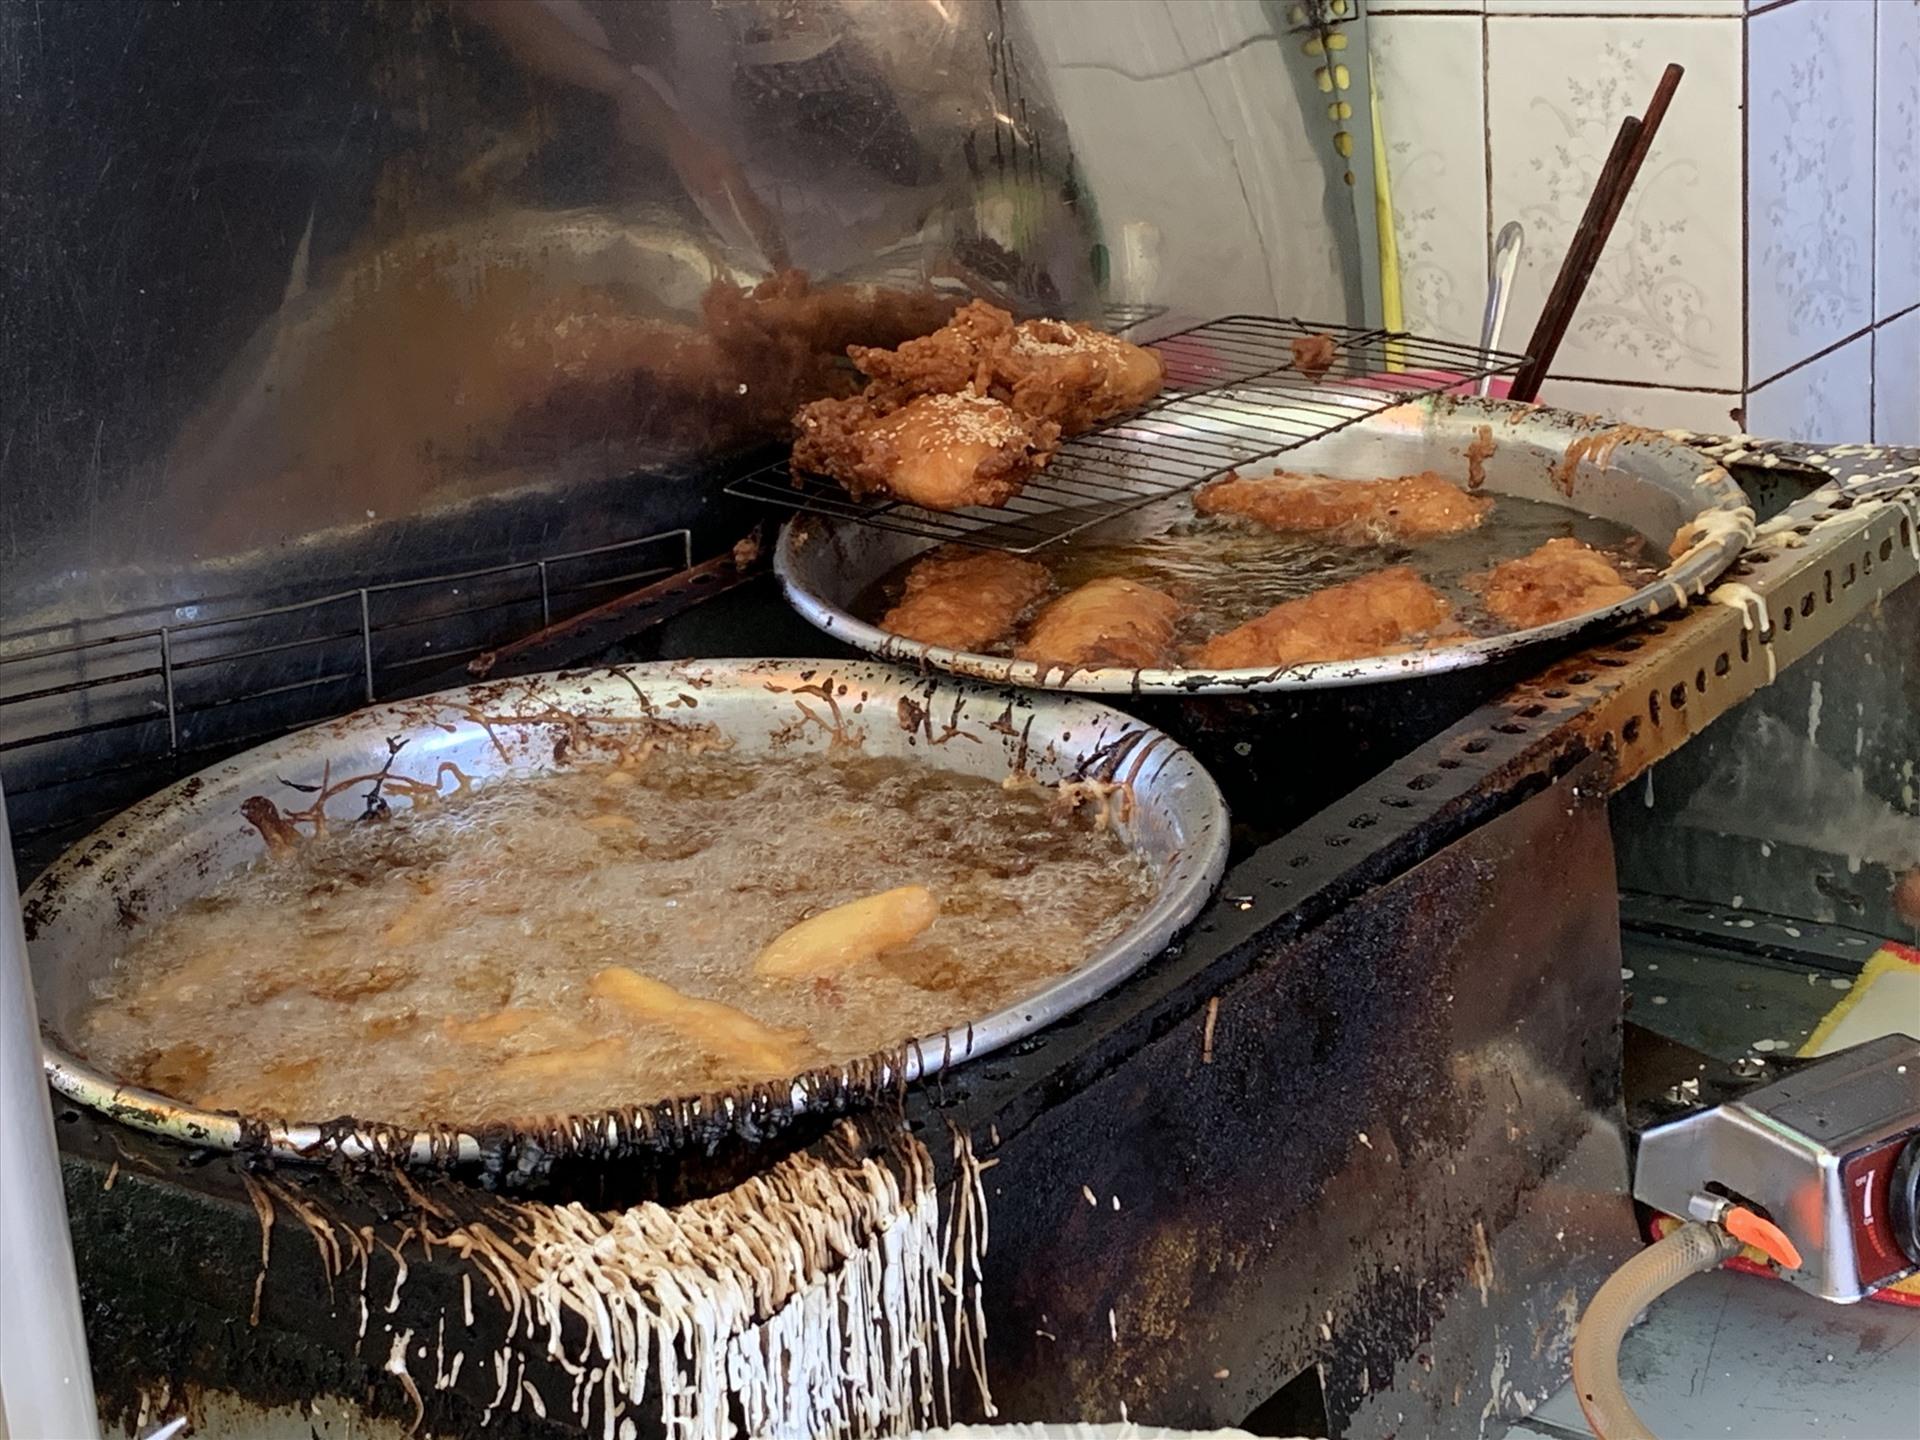 """Chị Trần Thu Hương, sống tại đường Nguyễn Văn Nghi, quận Gò Vấp là một nhân viên văn phòng, công việc khá bận rộn nên chị chọn các món ăn vỉa hè cho nhanh. Chị Thu Hương chia sẻ: """"Nhiều khi phải tăng ca nên không có thời gian để về nhà nấu ăn mà đặt đồ ăn cũng phải chờ lâu, vì ở gần công ty cũng có nhiều quán vỉa hè nên tôi ra ăn cho nhanh mà rẻ."""""""